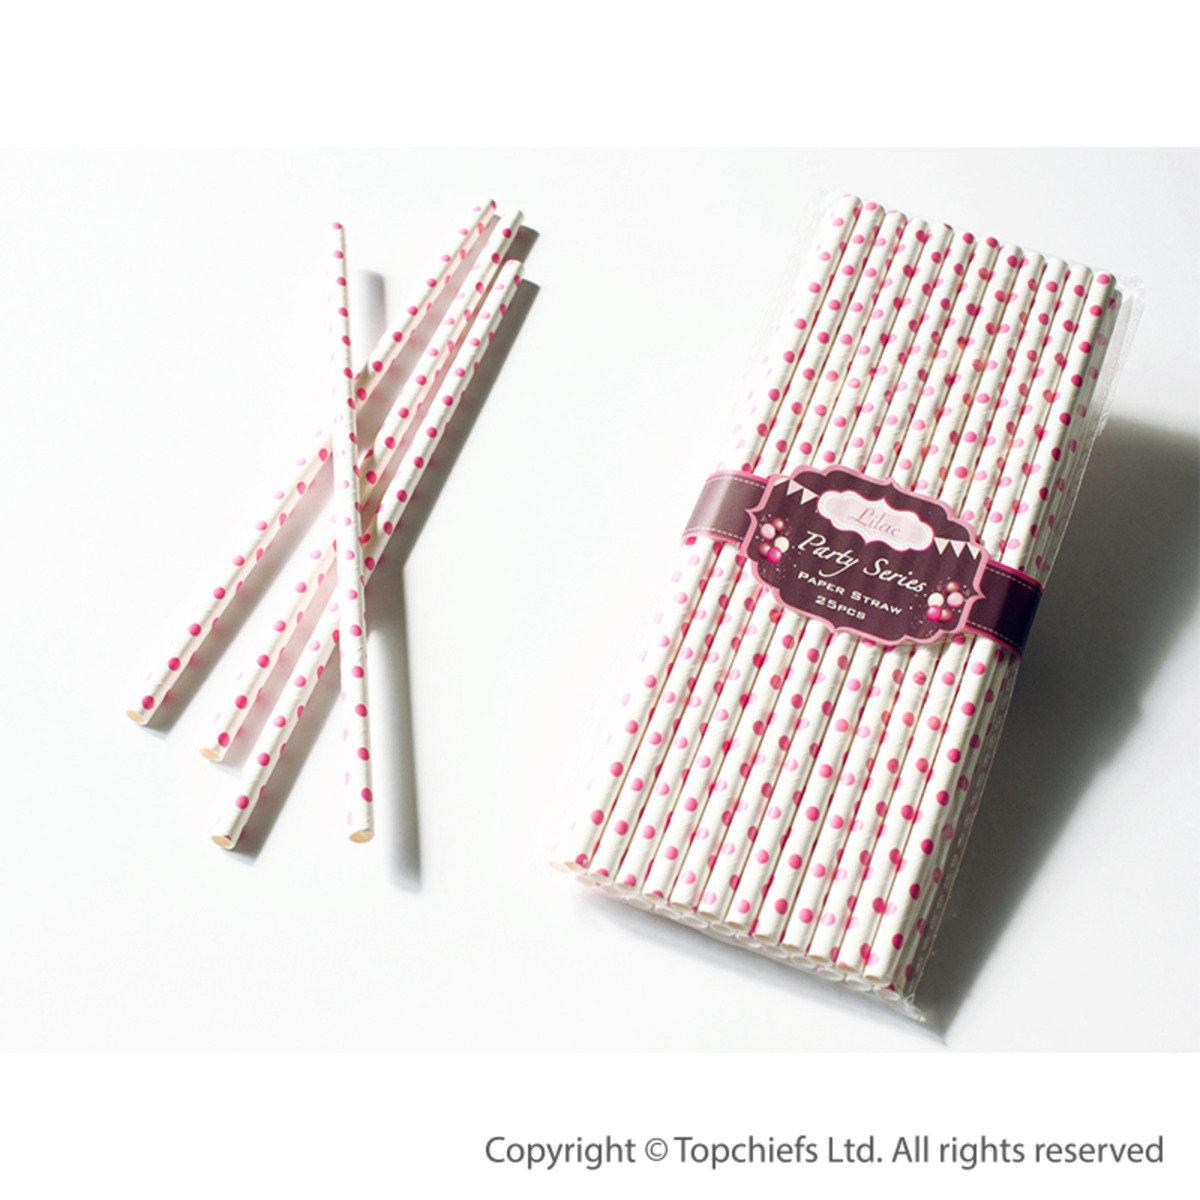 繽紛紙吸管 (白色底,粉紅色波點) 50pcs/PACK